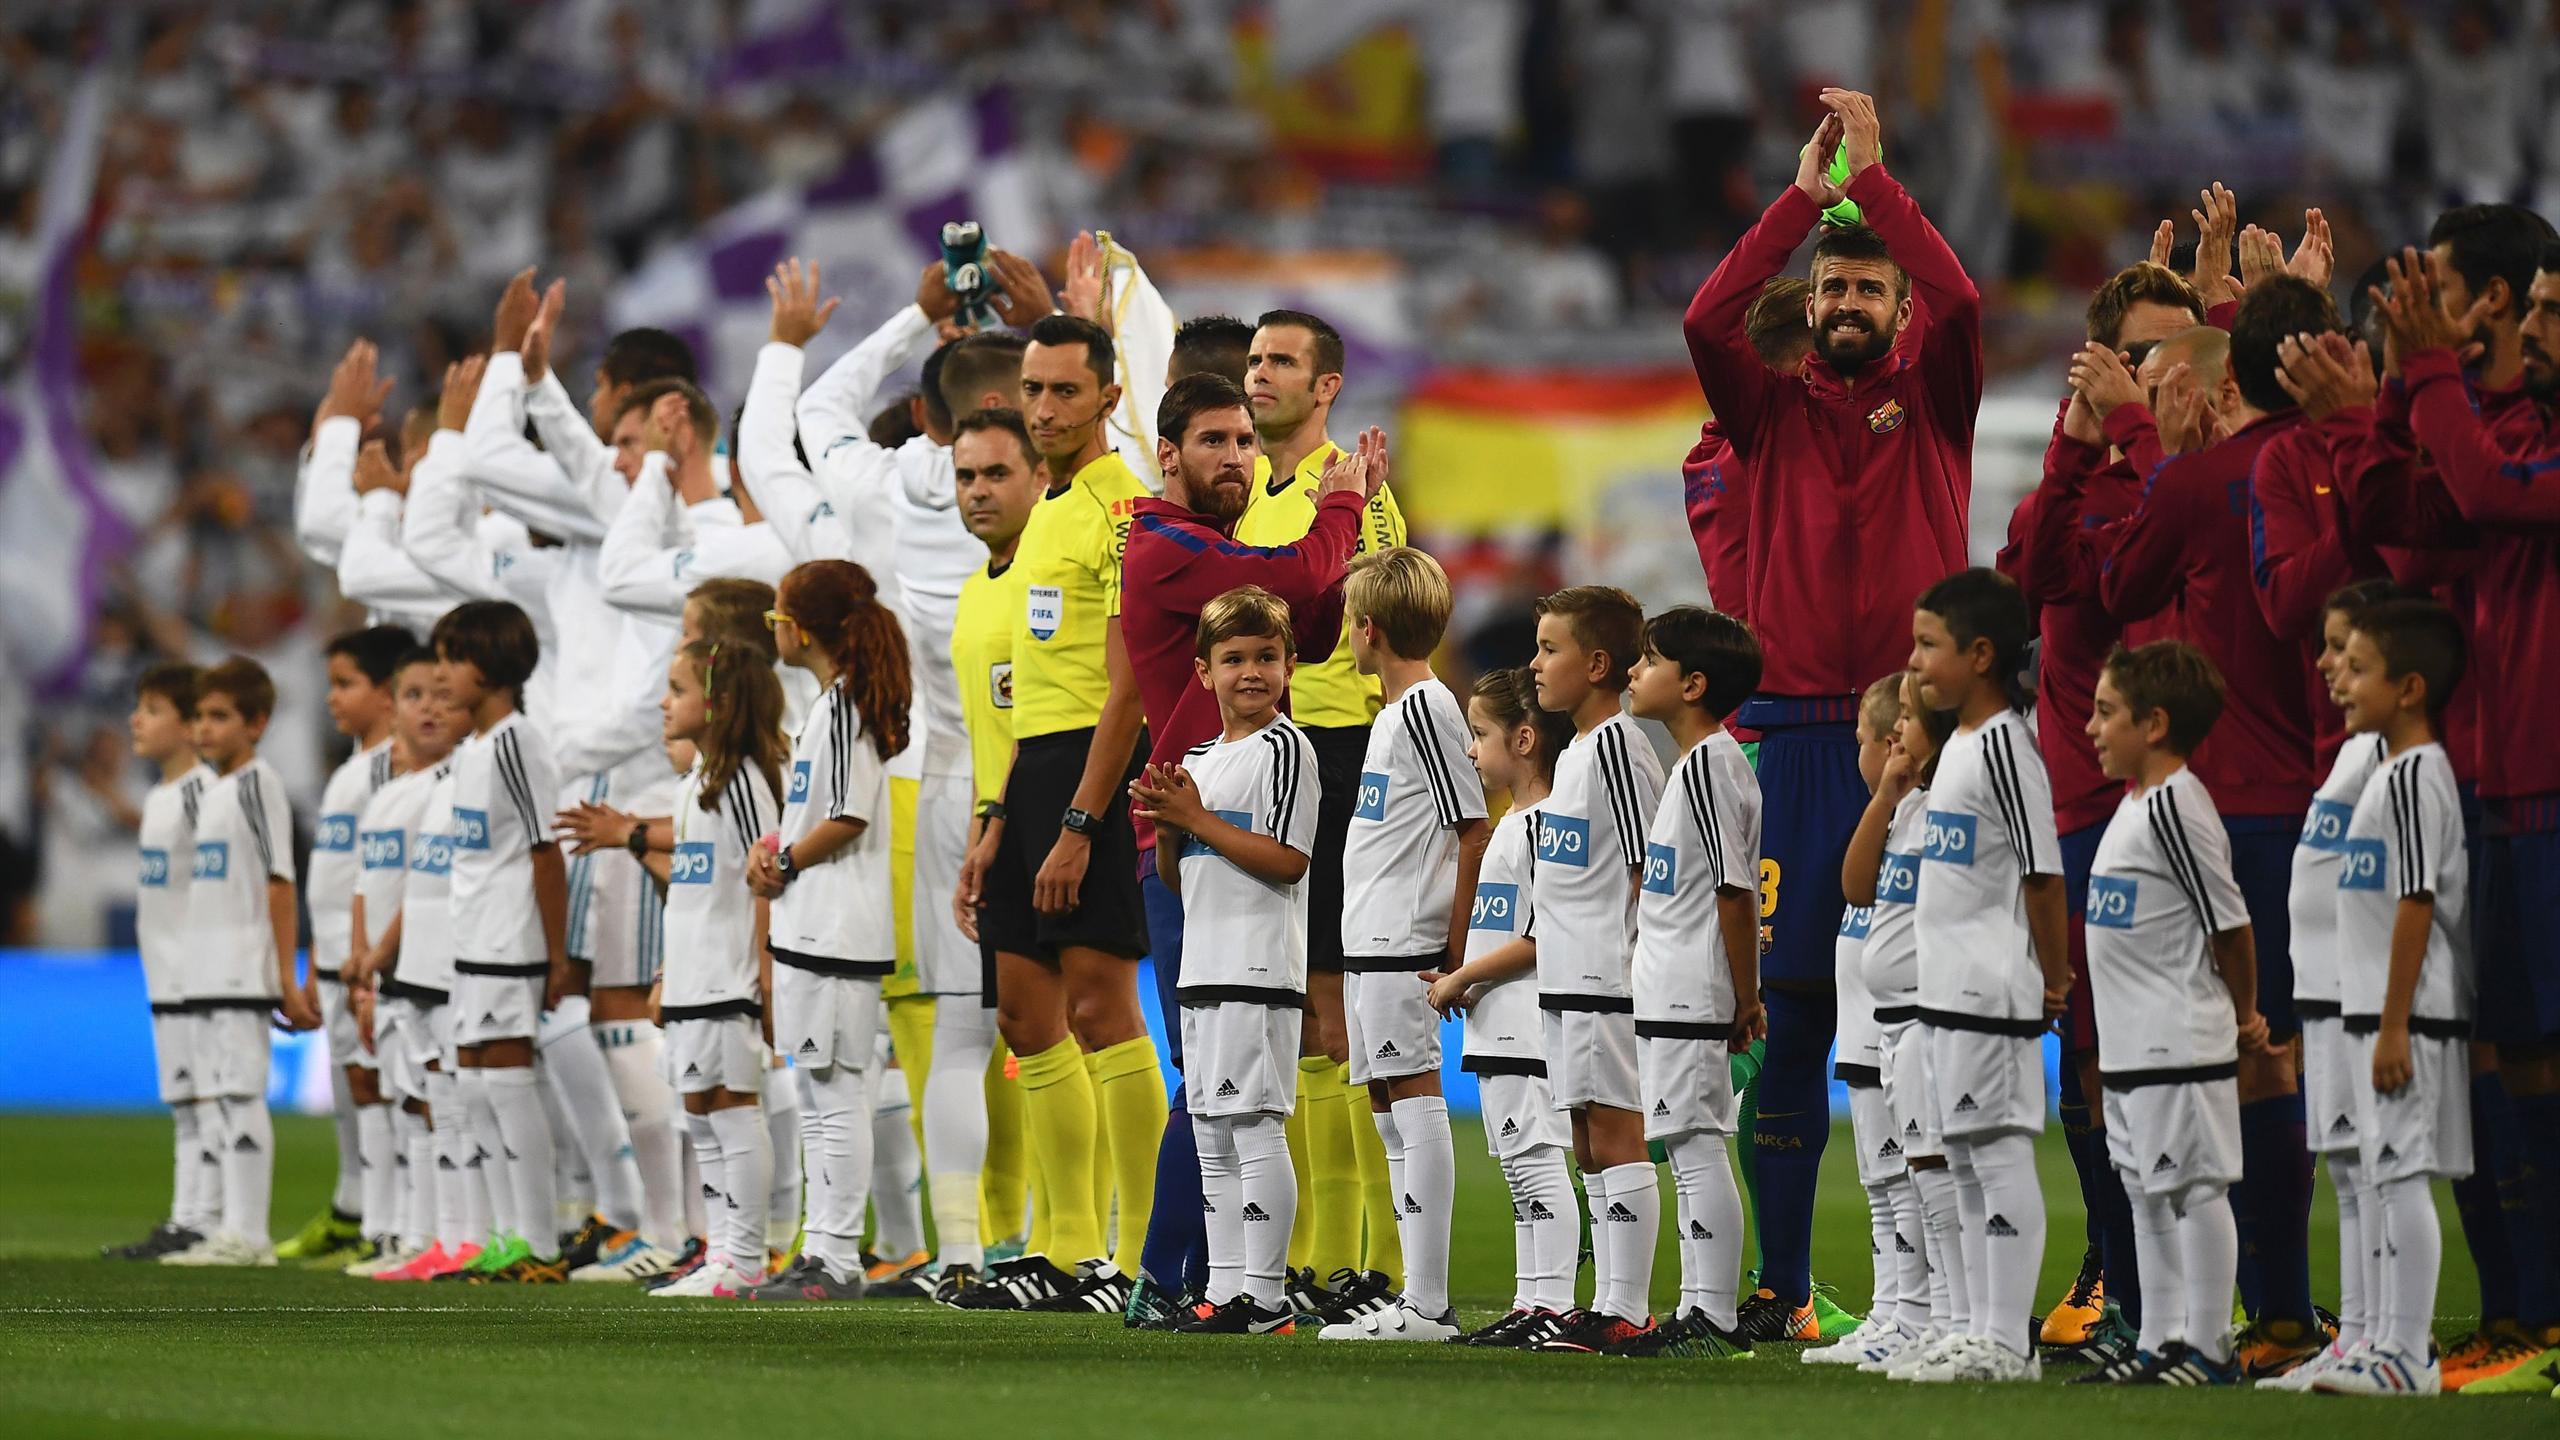 1 канал орт чемпионат по футболу испания италия